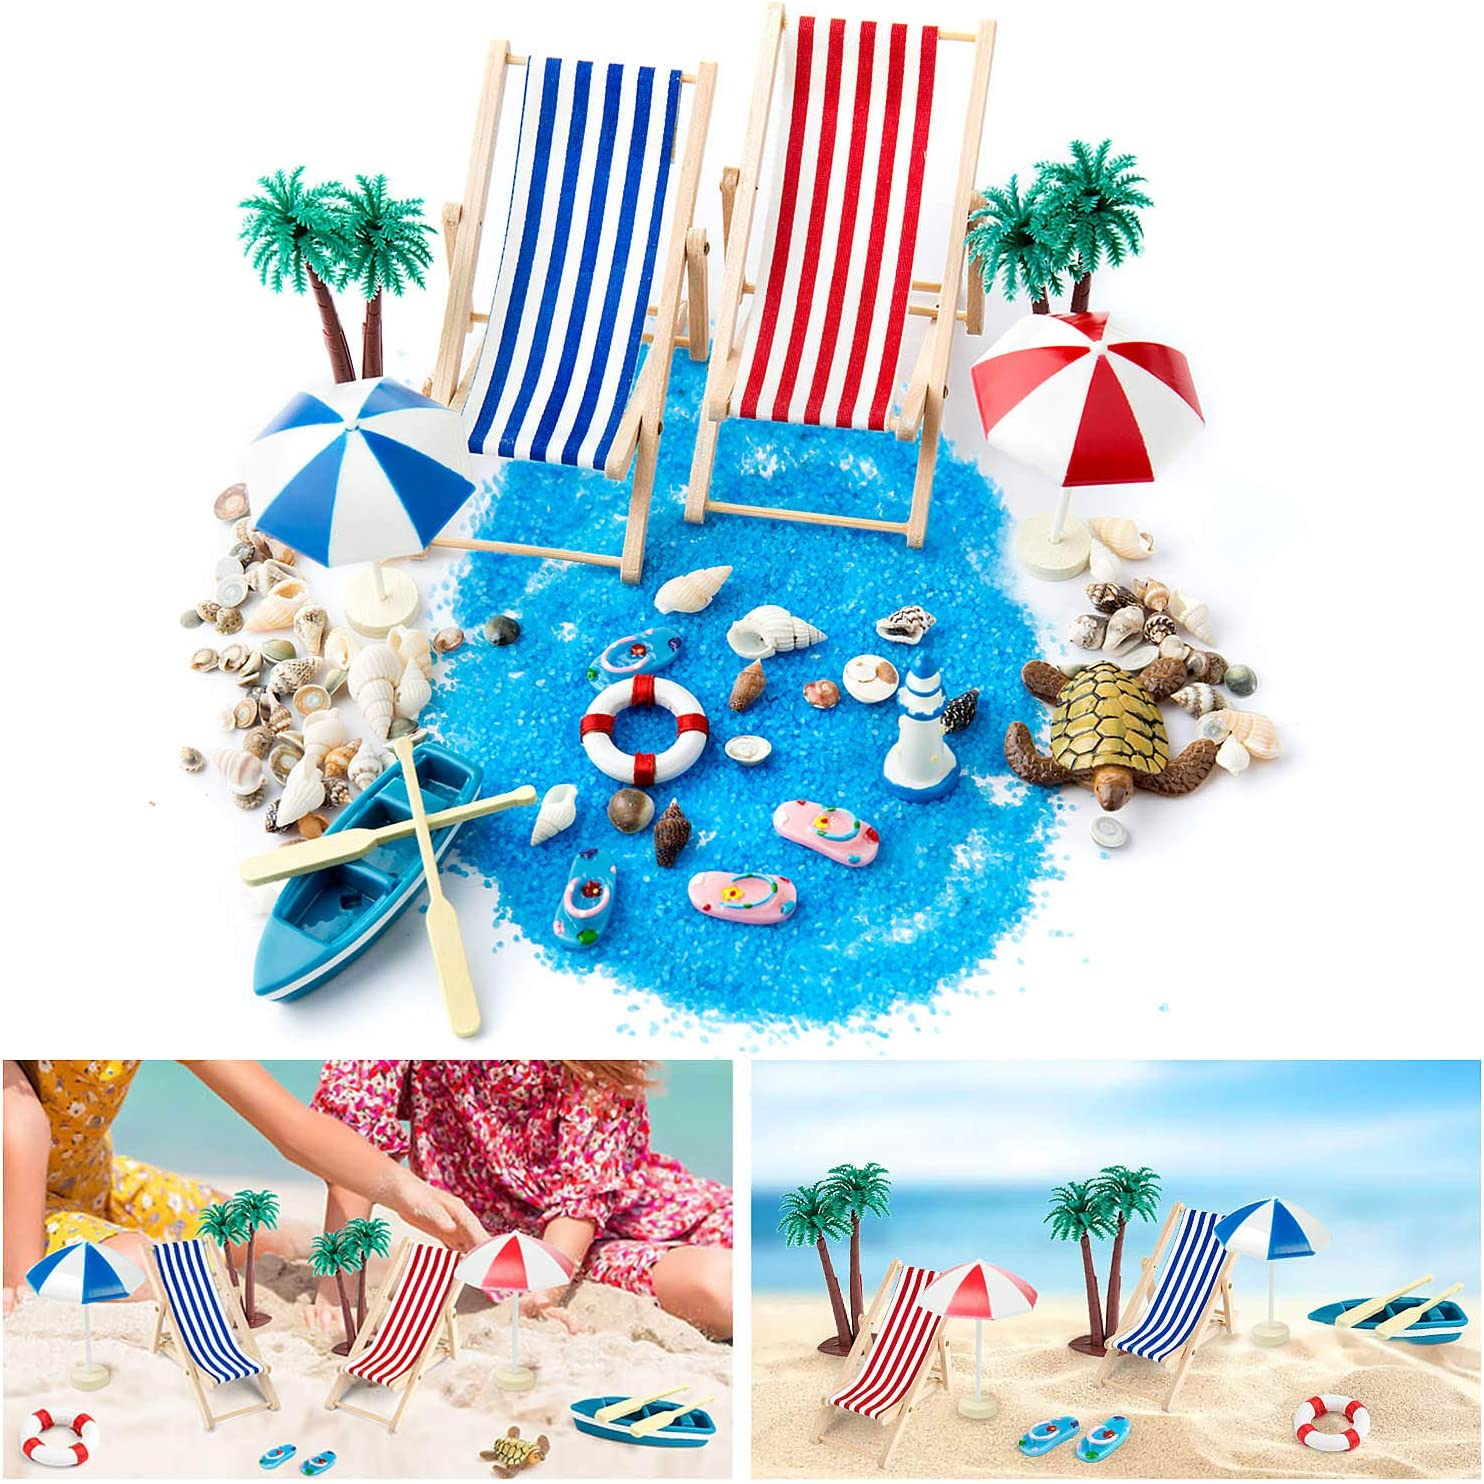 WolinTek 15 Piezas Playa Estilo Kits Set para DIY Figura Decorativa en Miniatura jardín de Hadas decoración para muñecas, Azul Arena, para Las Regalo de Niños, Silla de Playa, Playa Paraguas